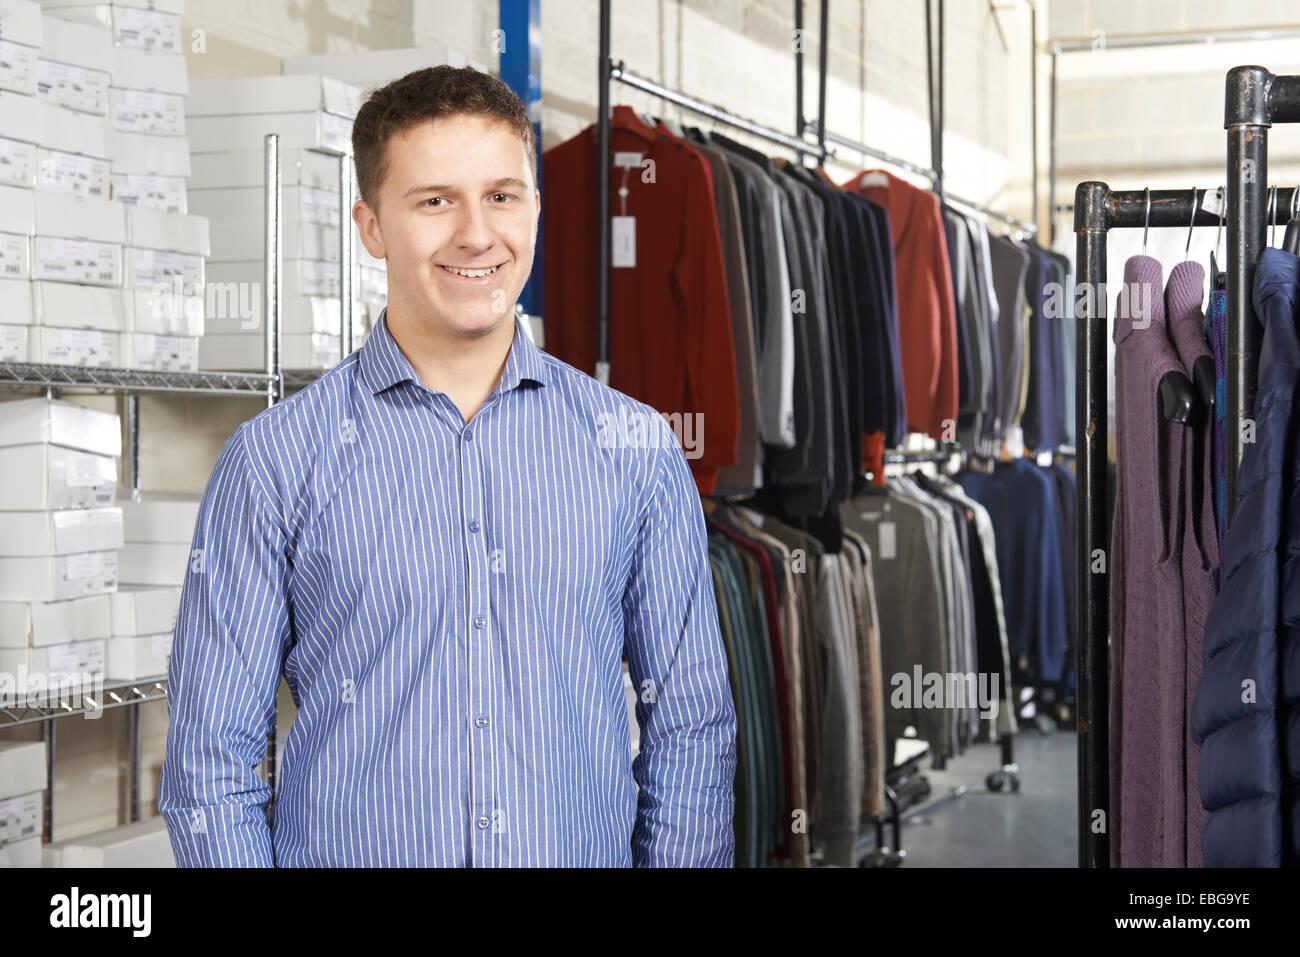 El empresario se ejecuta en la línea de negocio de la moda Imagen De Stock